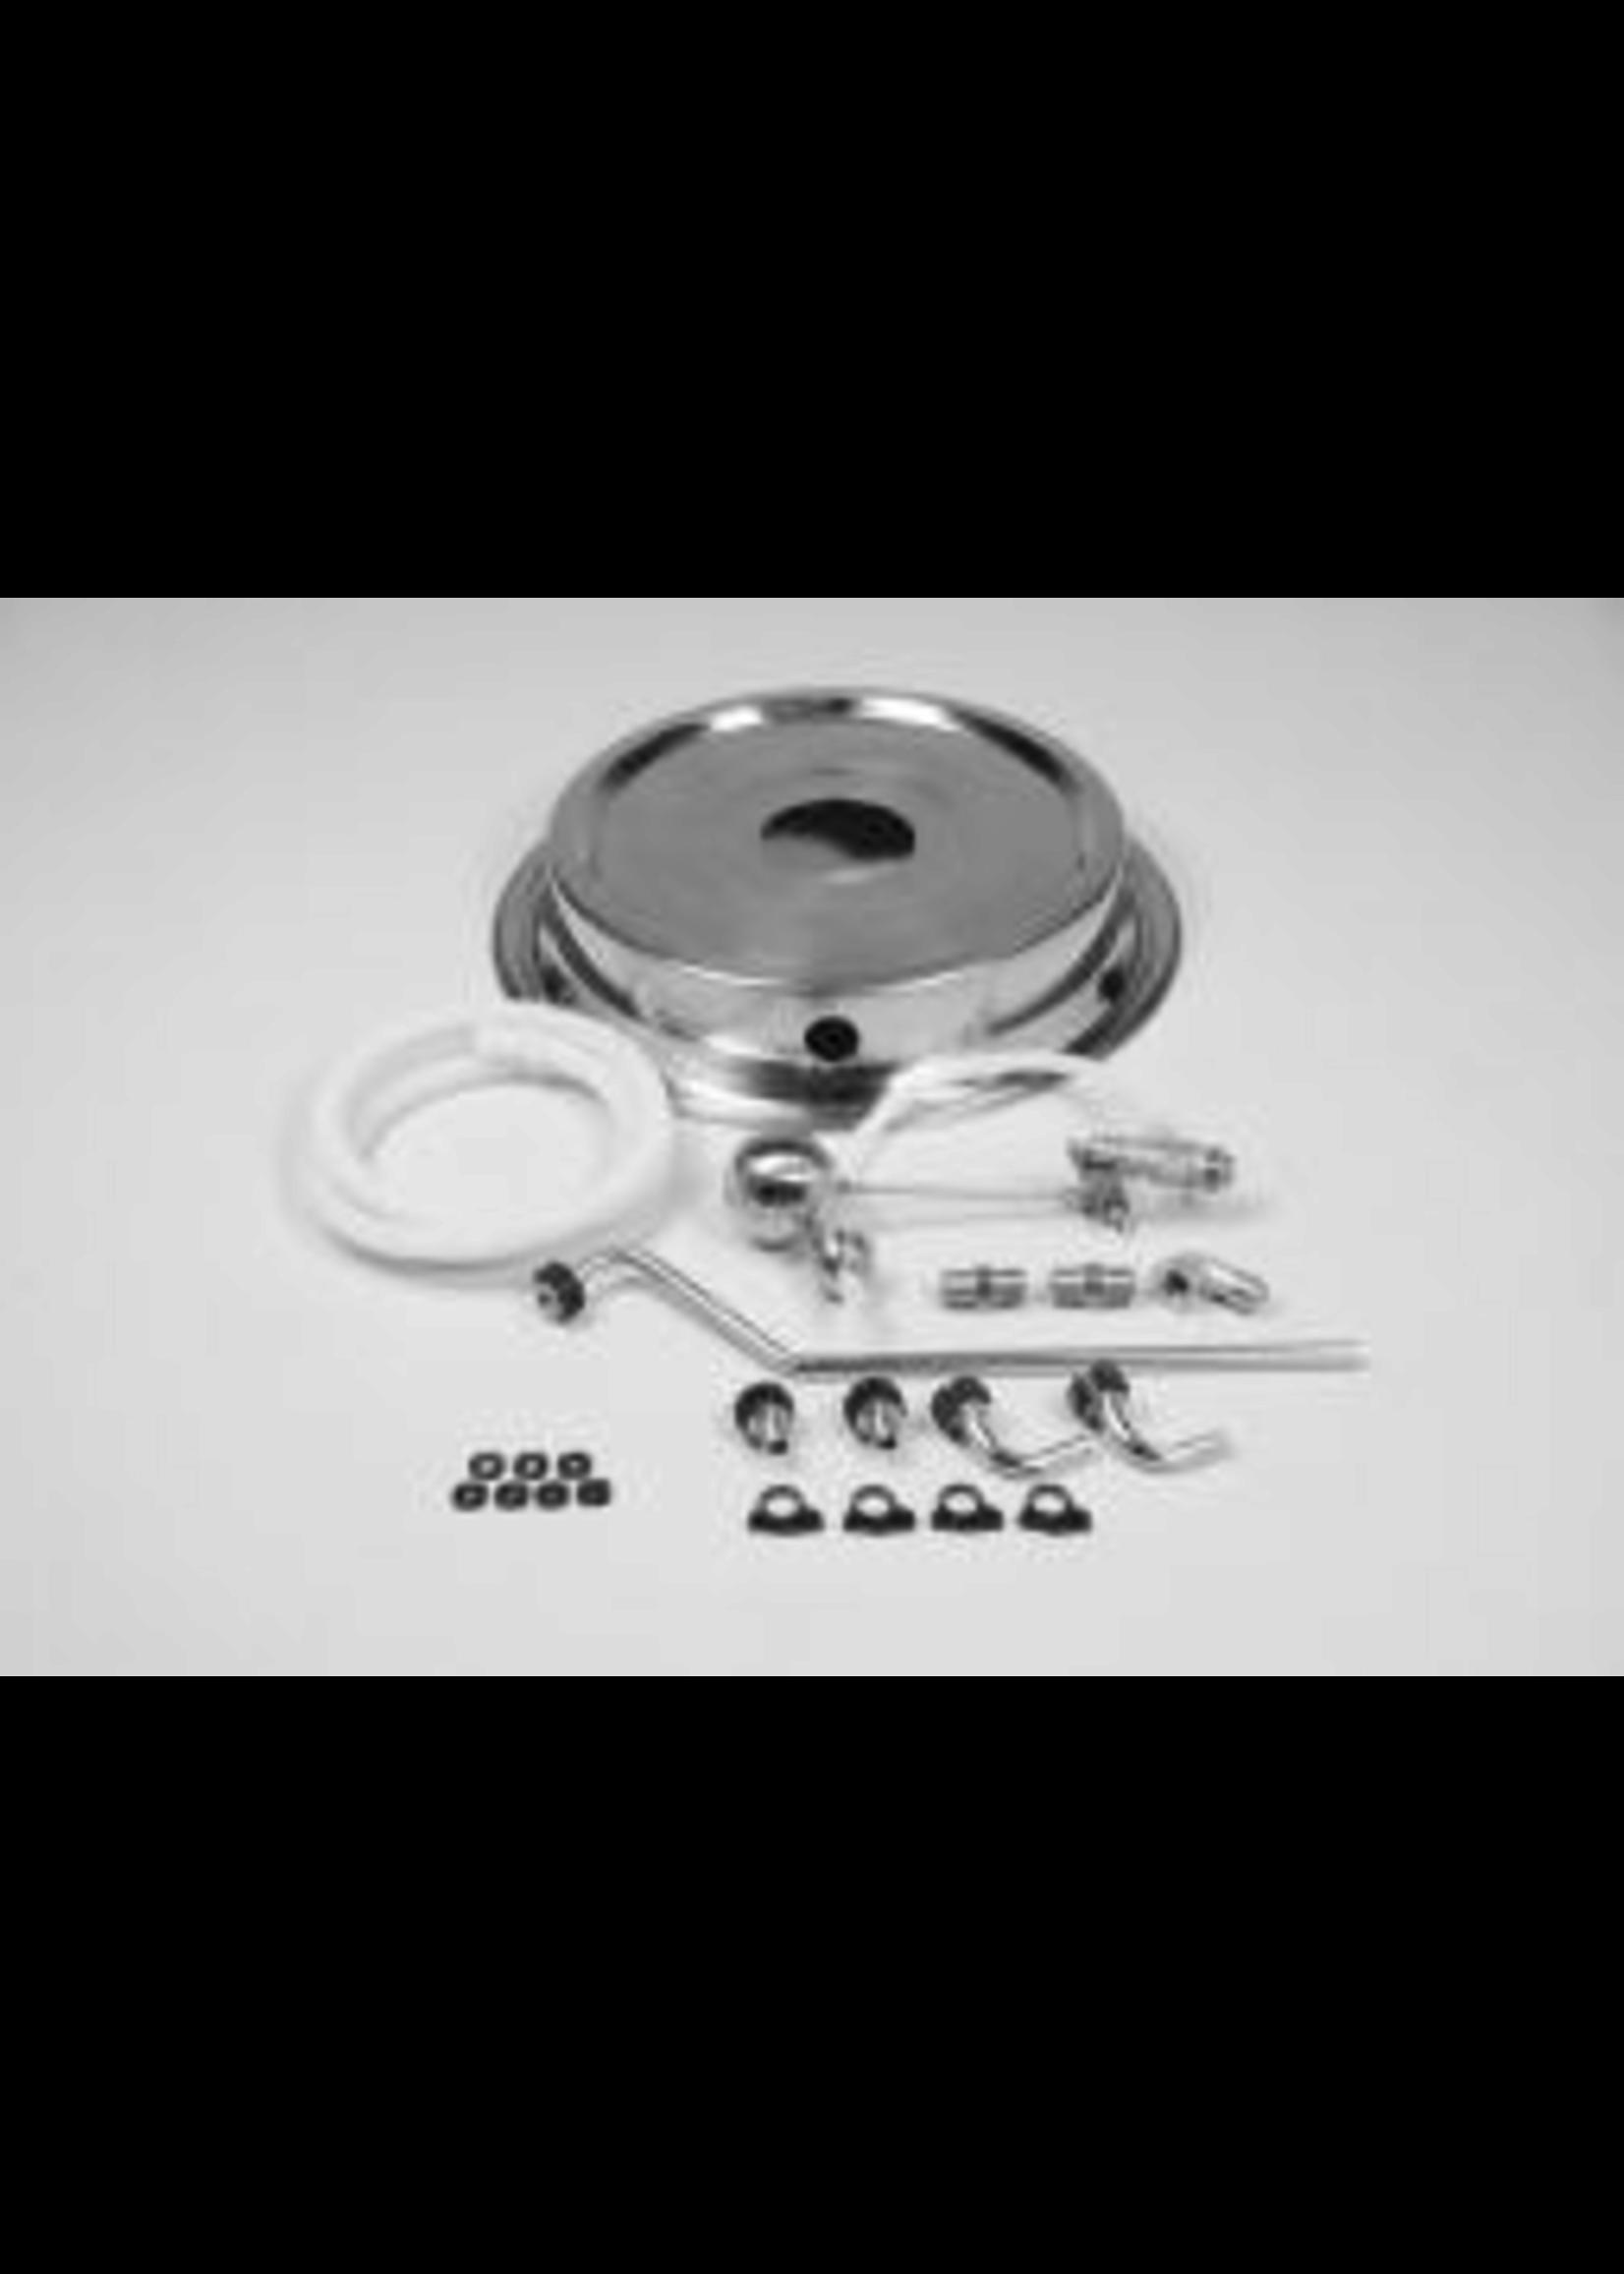 Blichmann Blichmann BrewEasy - Adapter Lid Kit - 10 gallon (G2)